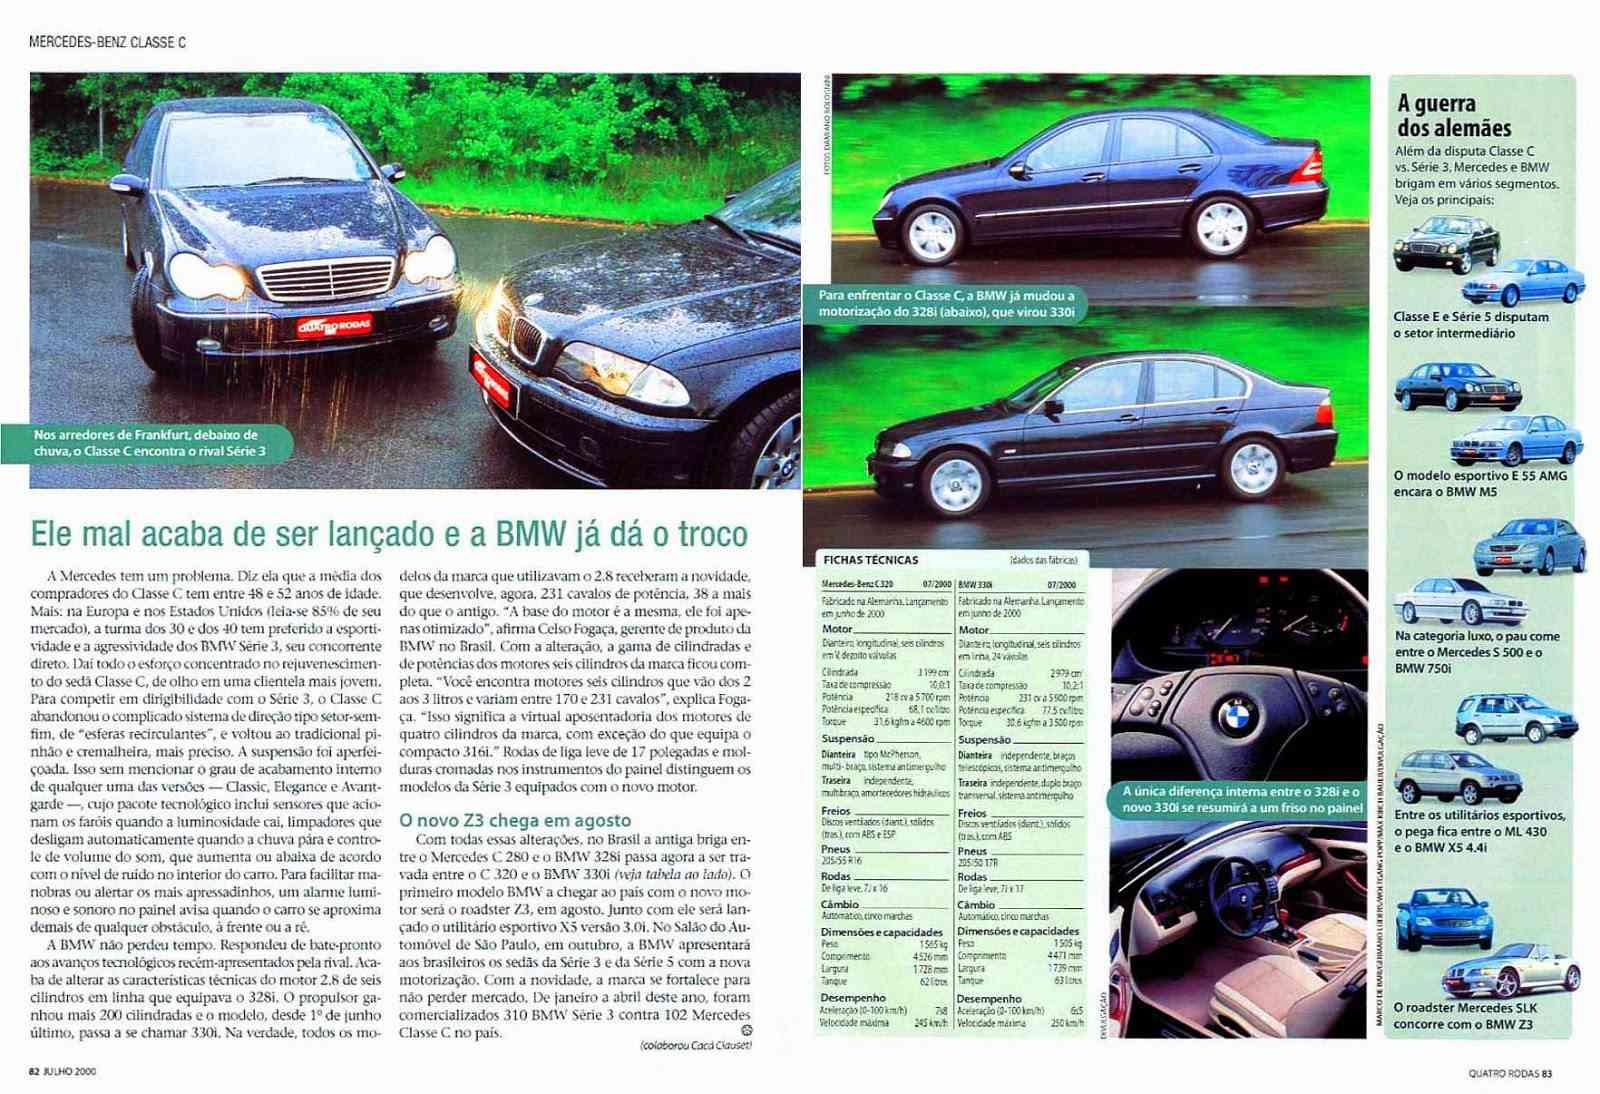 (W203): Avaliação Revista Quatro Rodas - C320 - julho de 2000 9a394410